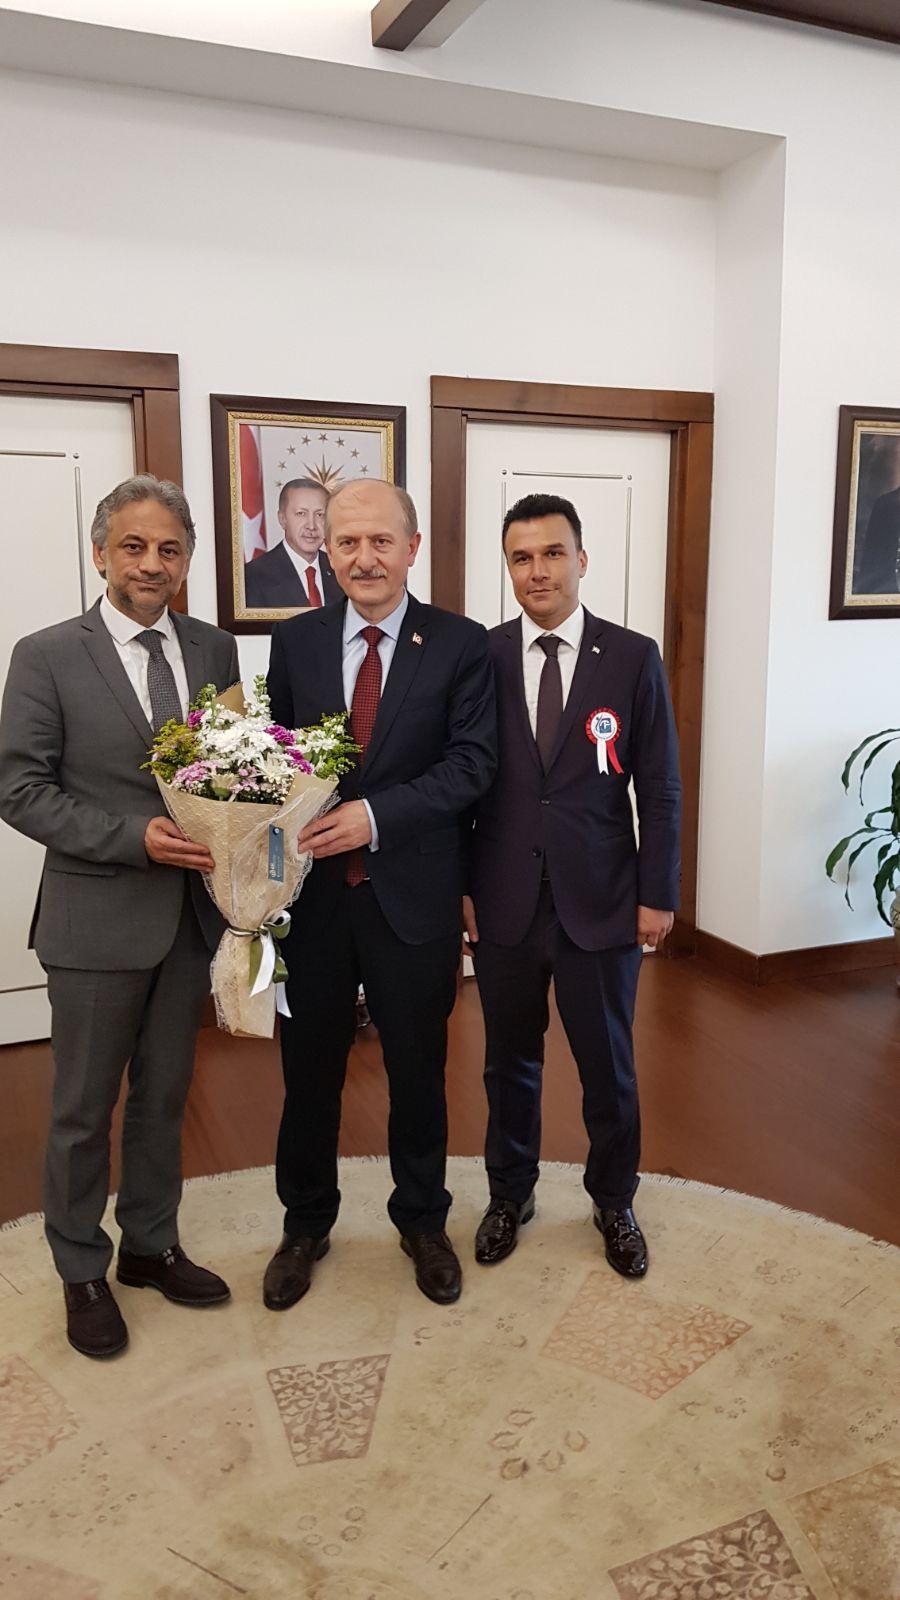 Fatih Belediyesinin Yeni Başkanını Ziyaret